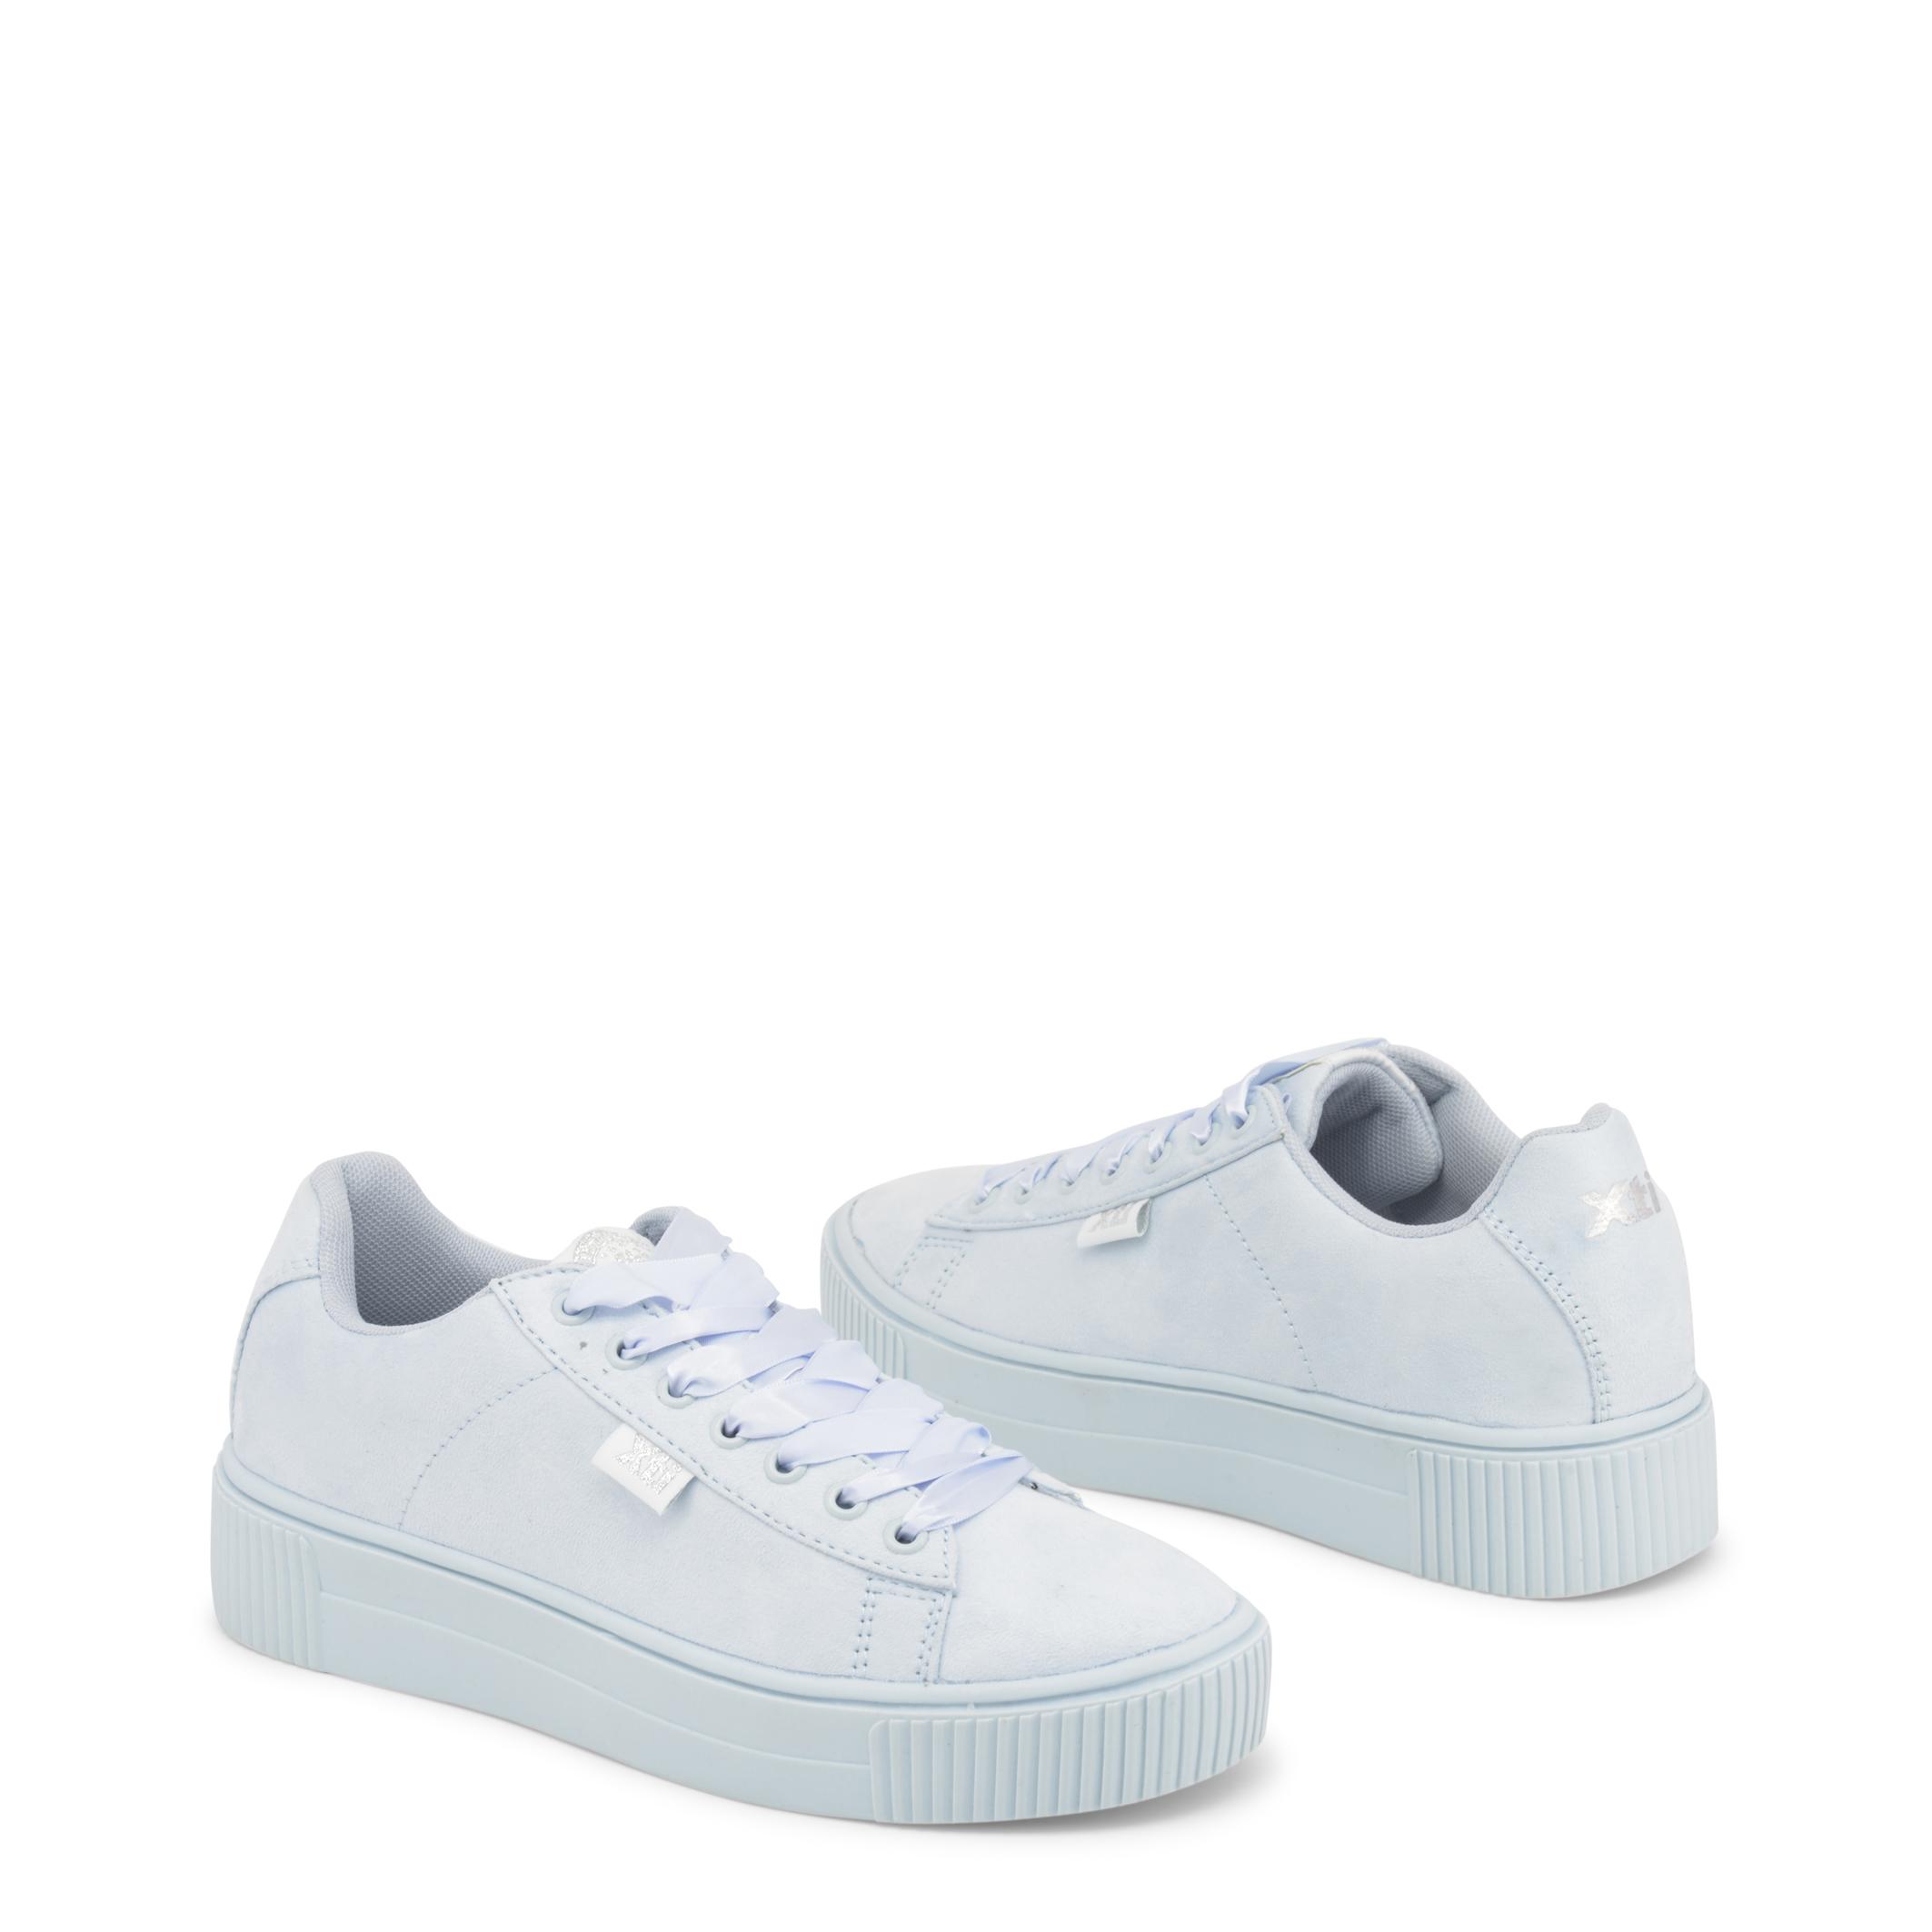 Zapatos Xti Mujer 046801, Sneakers Azul/Marrón/Azul Zapatillas